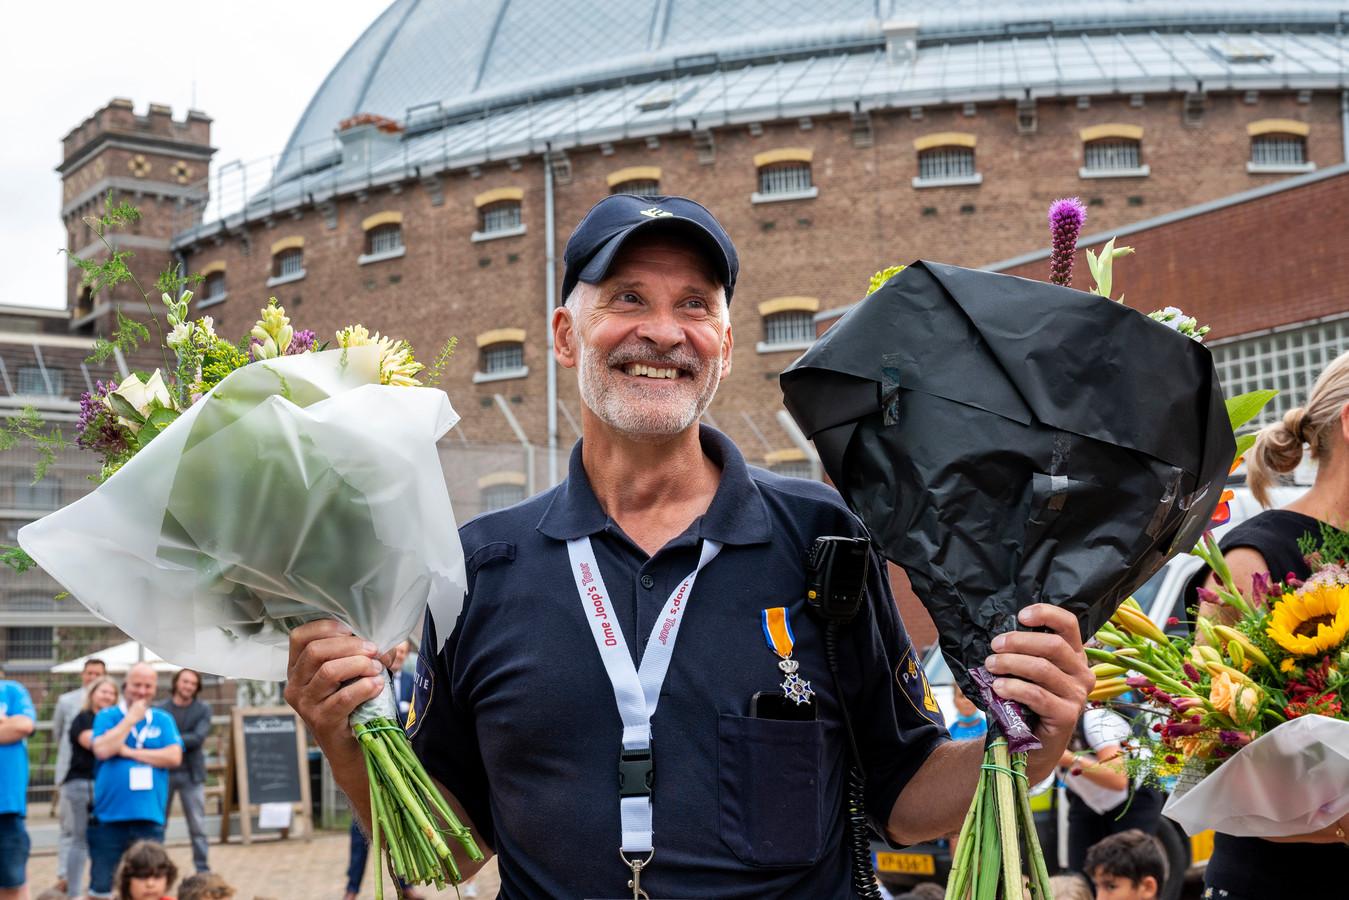 Wijkagent en vrijwilliger van Ome Joop's Tour Frank Daeseleer heeft een Koninklijke Onderscheiding gekregen.